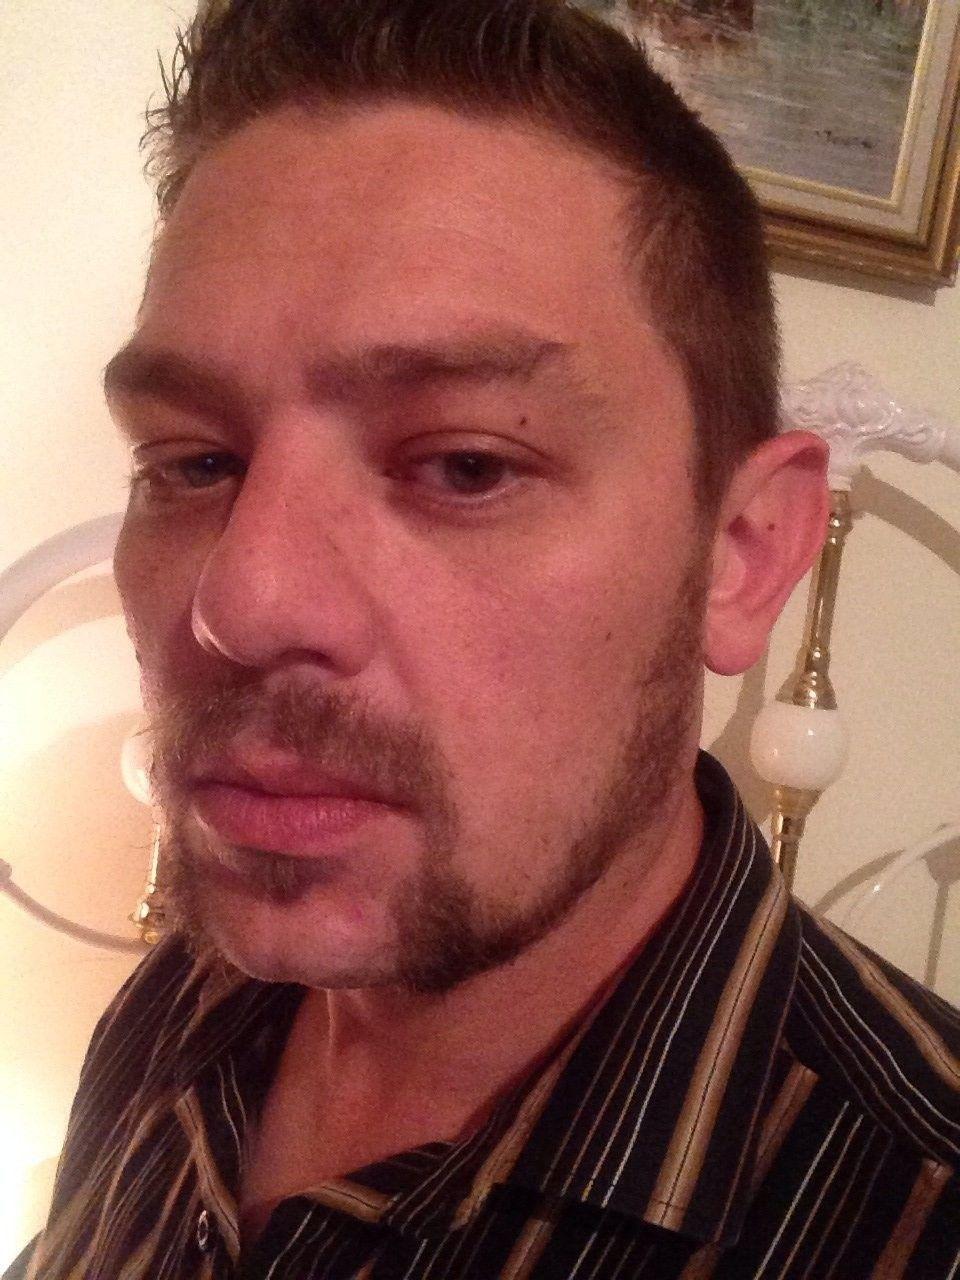 Movember, No Shave November, Etc - image.jpg